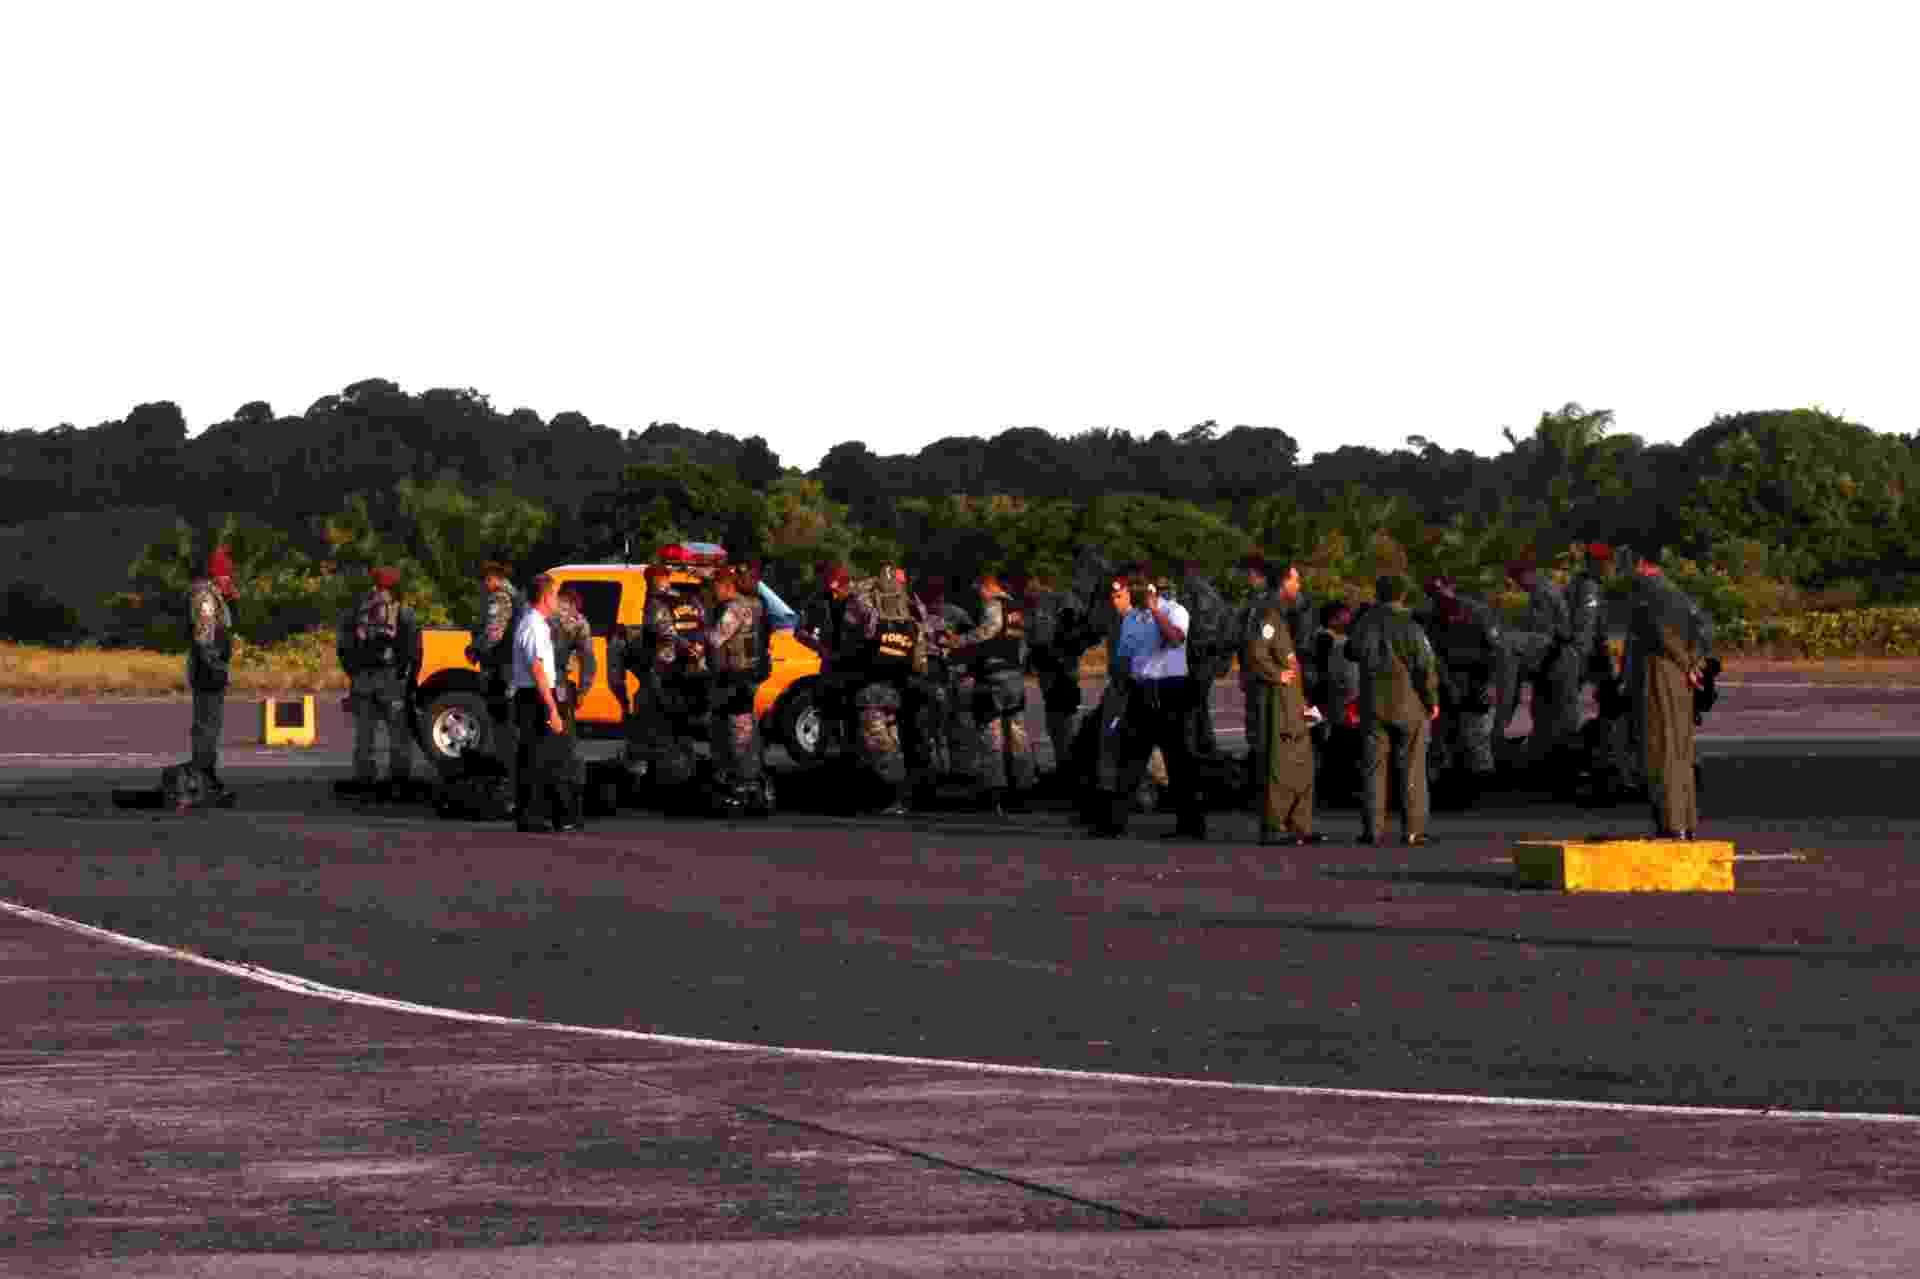 16.abr.2014 - Membros da Exército chegam à Bahia nesta quarta-feira (16) para assumir o comando da segurança do Estado, por causa da greve dos policiais militares, iniciada na noite dessa terça (16) pela categoria, após decisão em assembleia. Inicialmente, o governo informou que serão disponilibilizados mais de 5.000 homens das Forças Armadas e da Força Nacional - Camila Souza/GOVBA